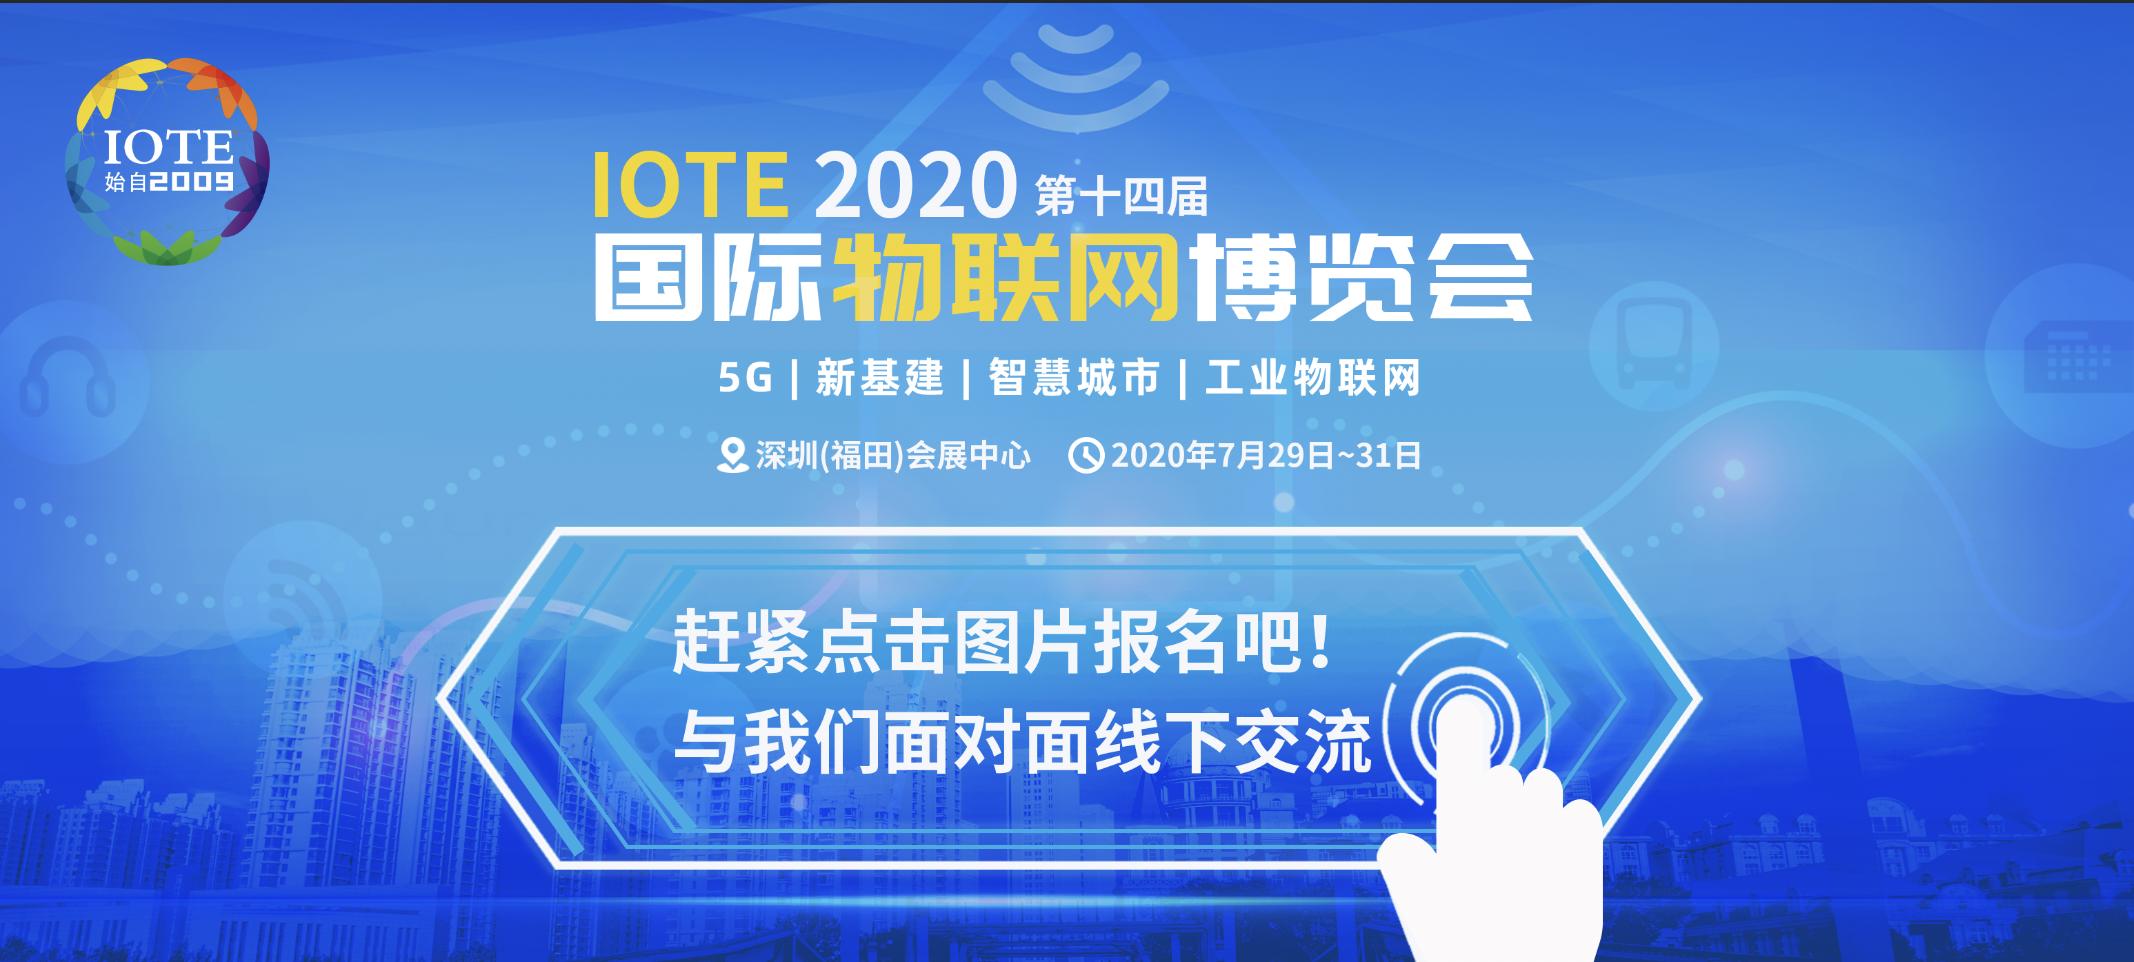 专注于空调节能及智能管理控制的高新物联网技术企业,飞奕科技即将精彩亮相IOTE2020深圳国际物联网展